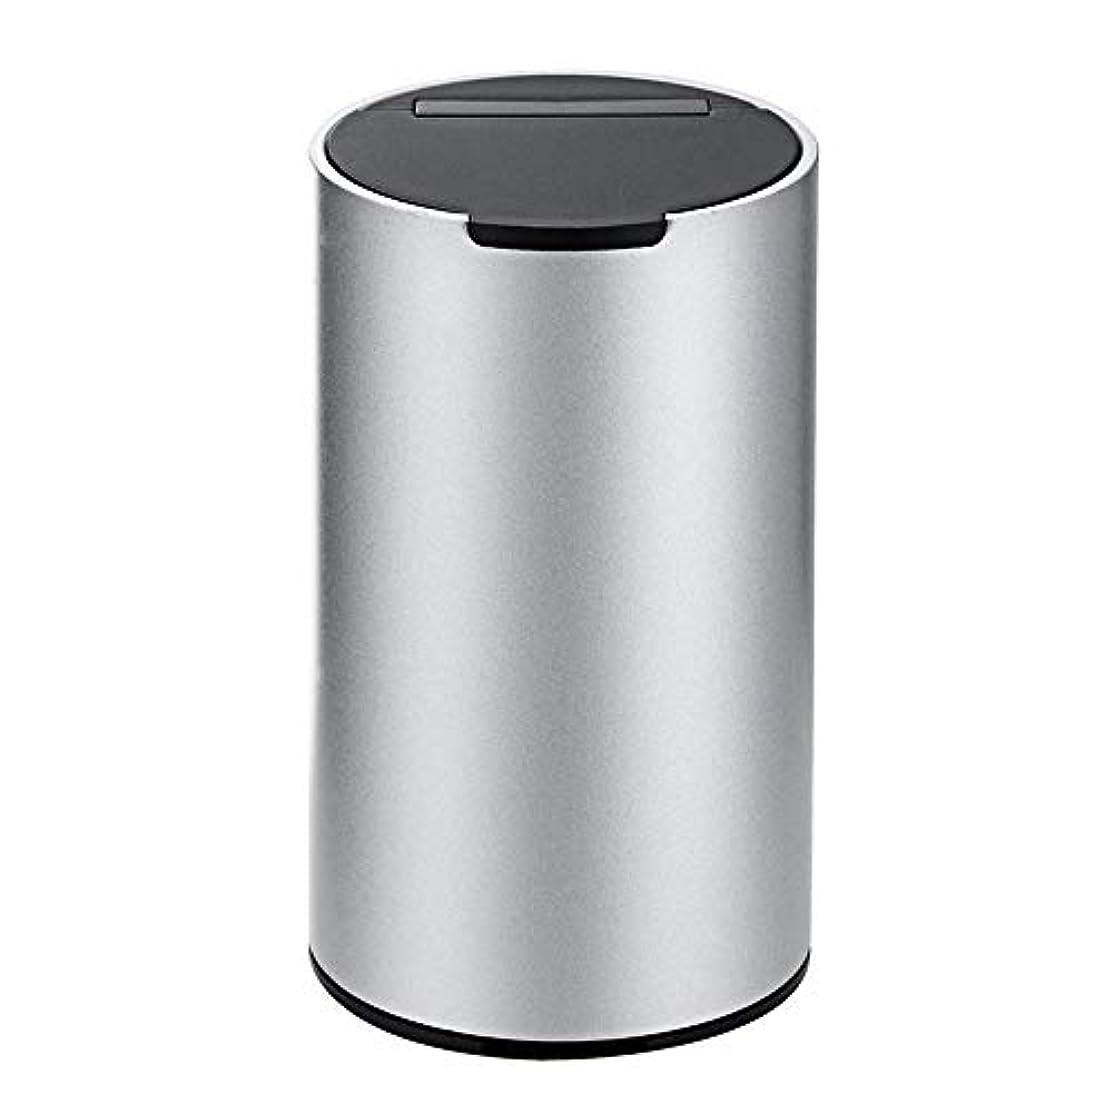 香水通貨十二車の灰皿、ふたが付いている容易な取り外し可能なステンレス製の車の灰皿 (色 : 銀)